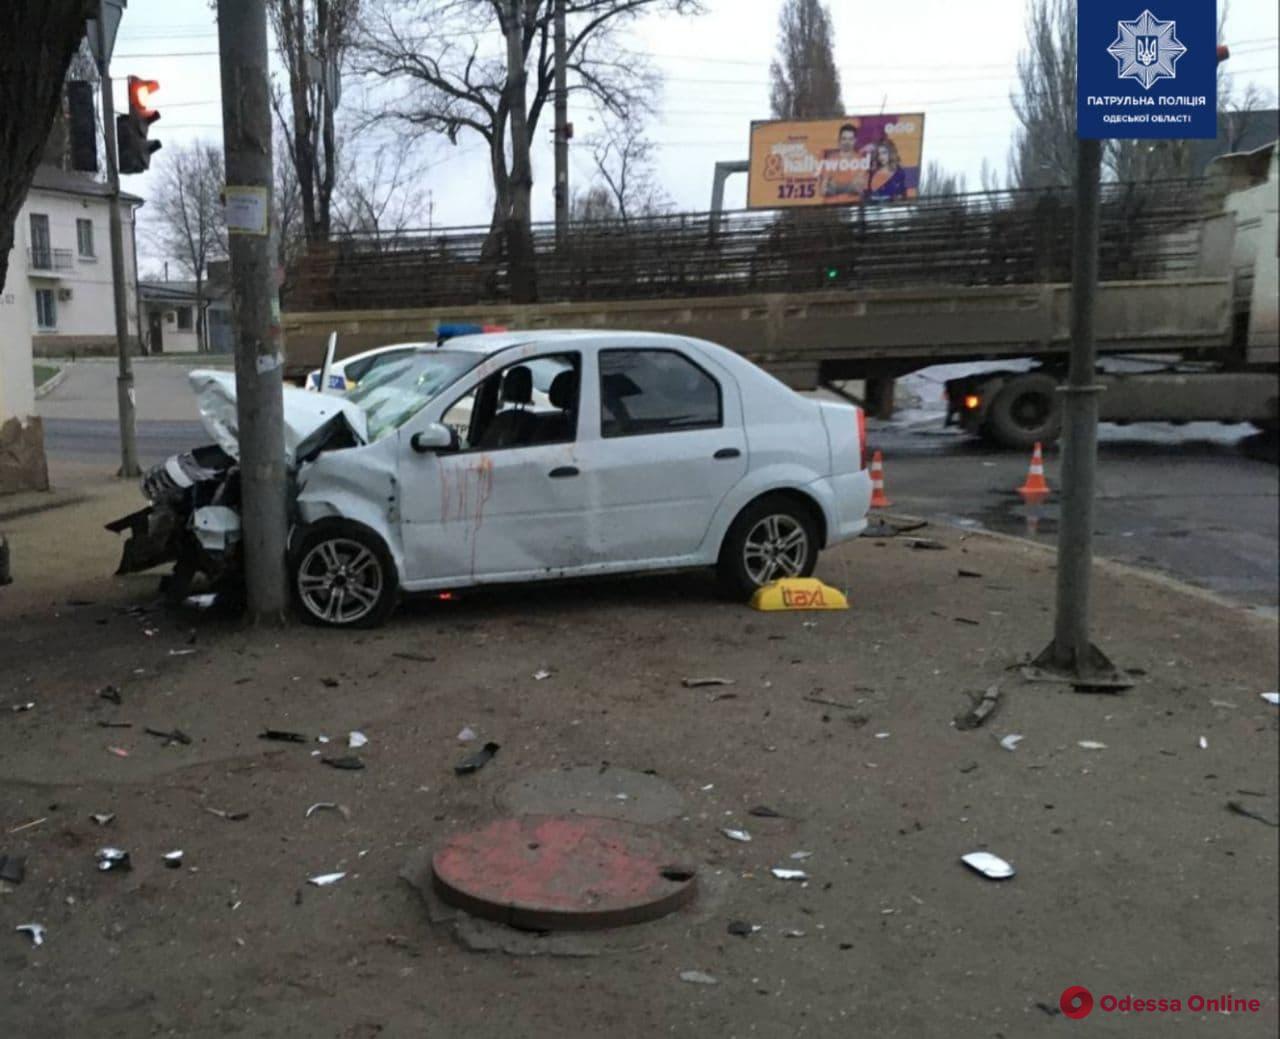 В Одессе на Пересыпи произошло ДТП с пострадавшими